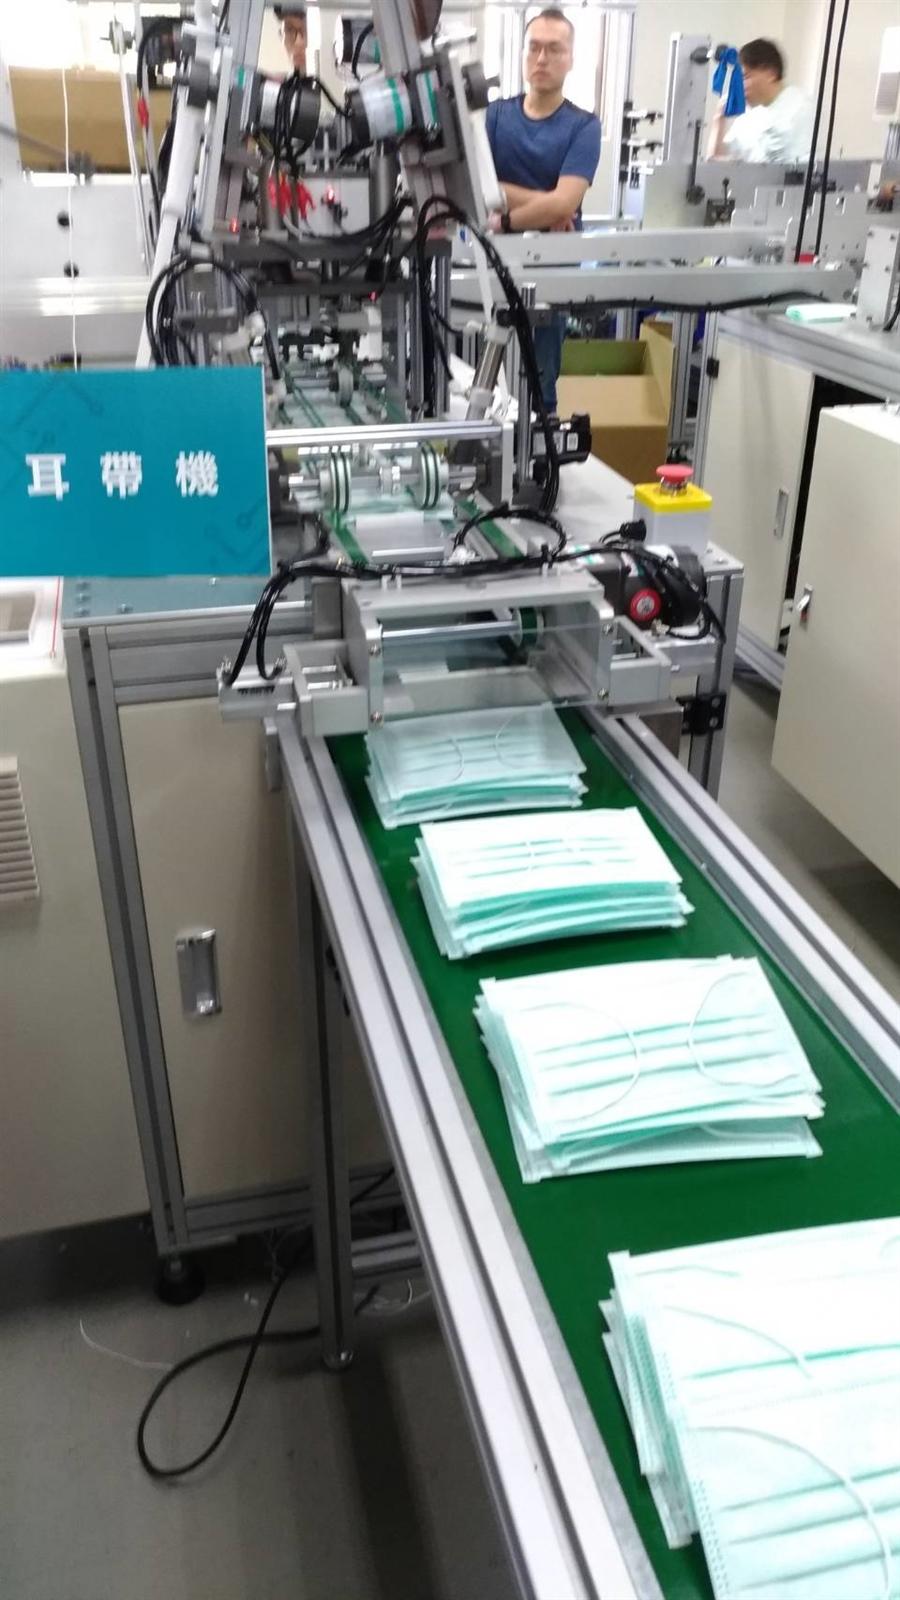 工研院協助業者快速建置口罩產線,至3月時可新增每日600萬片產量,擴充到到每日1000萬片目標,台灣將成為全球第二大口罩生產地。記者張義宮/攝影